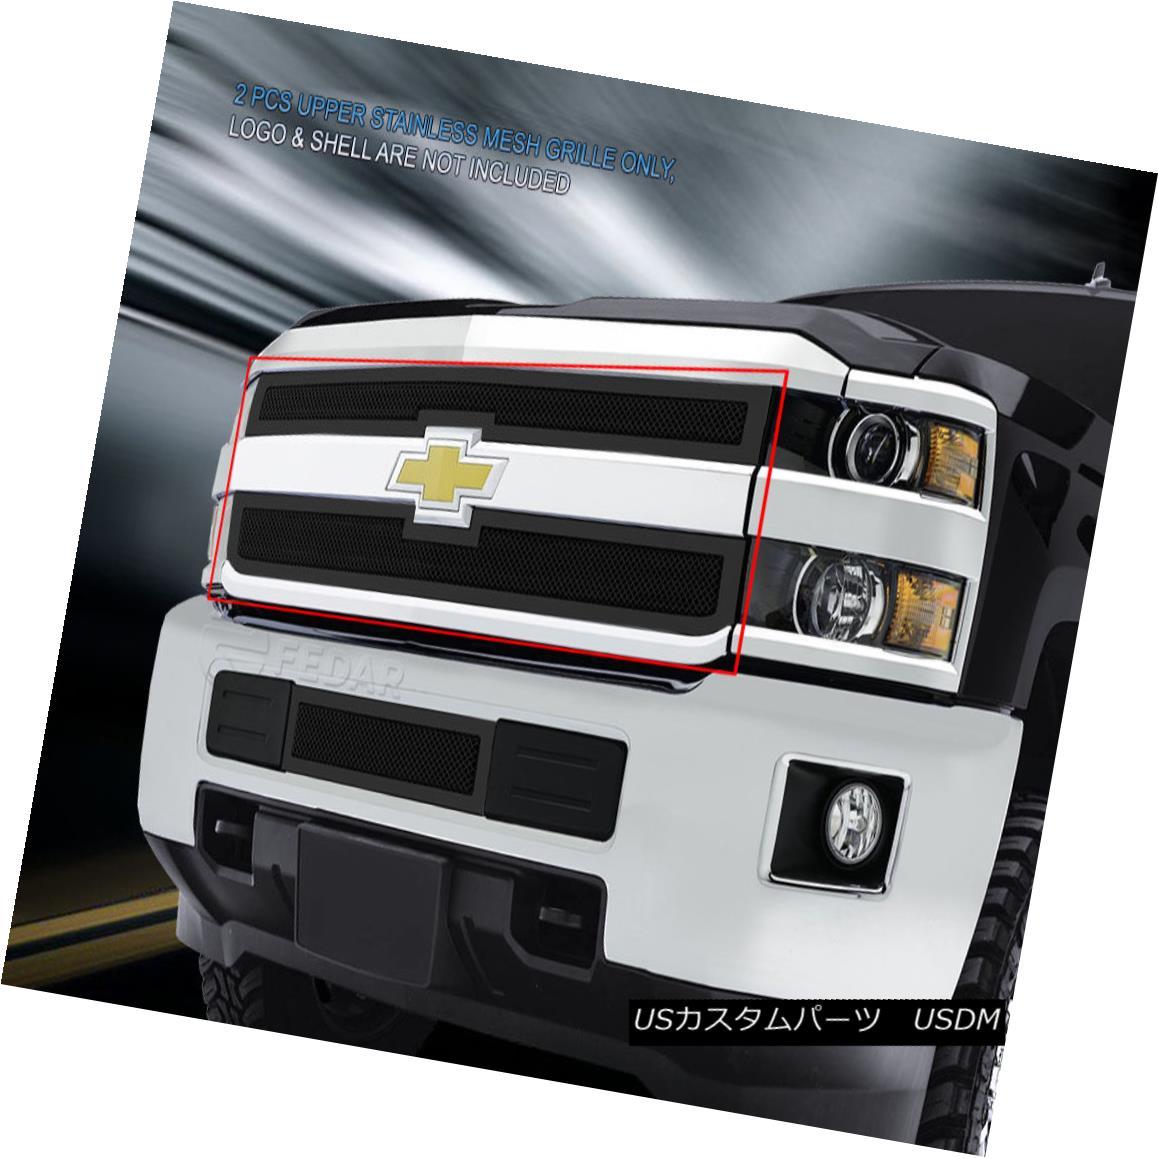 グリル Fedar Fits 2014-2015 Silverado 2500HD/3500HD Full Black Upper WIre Mesh Grille Fedarフィット2014-2015 Silverado 2500HD / 3500HDフルブラックアッパーワイヤーメッシュグリル